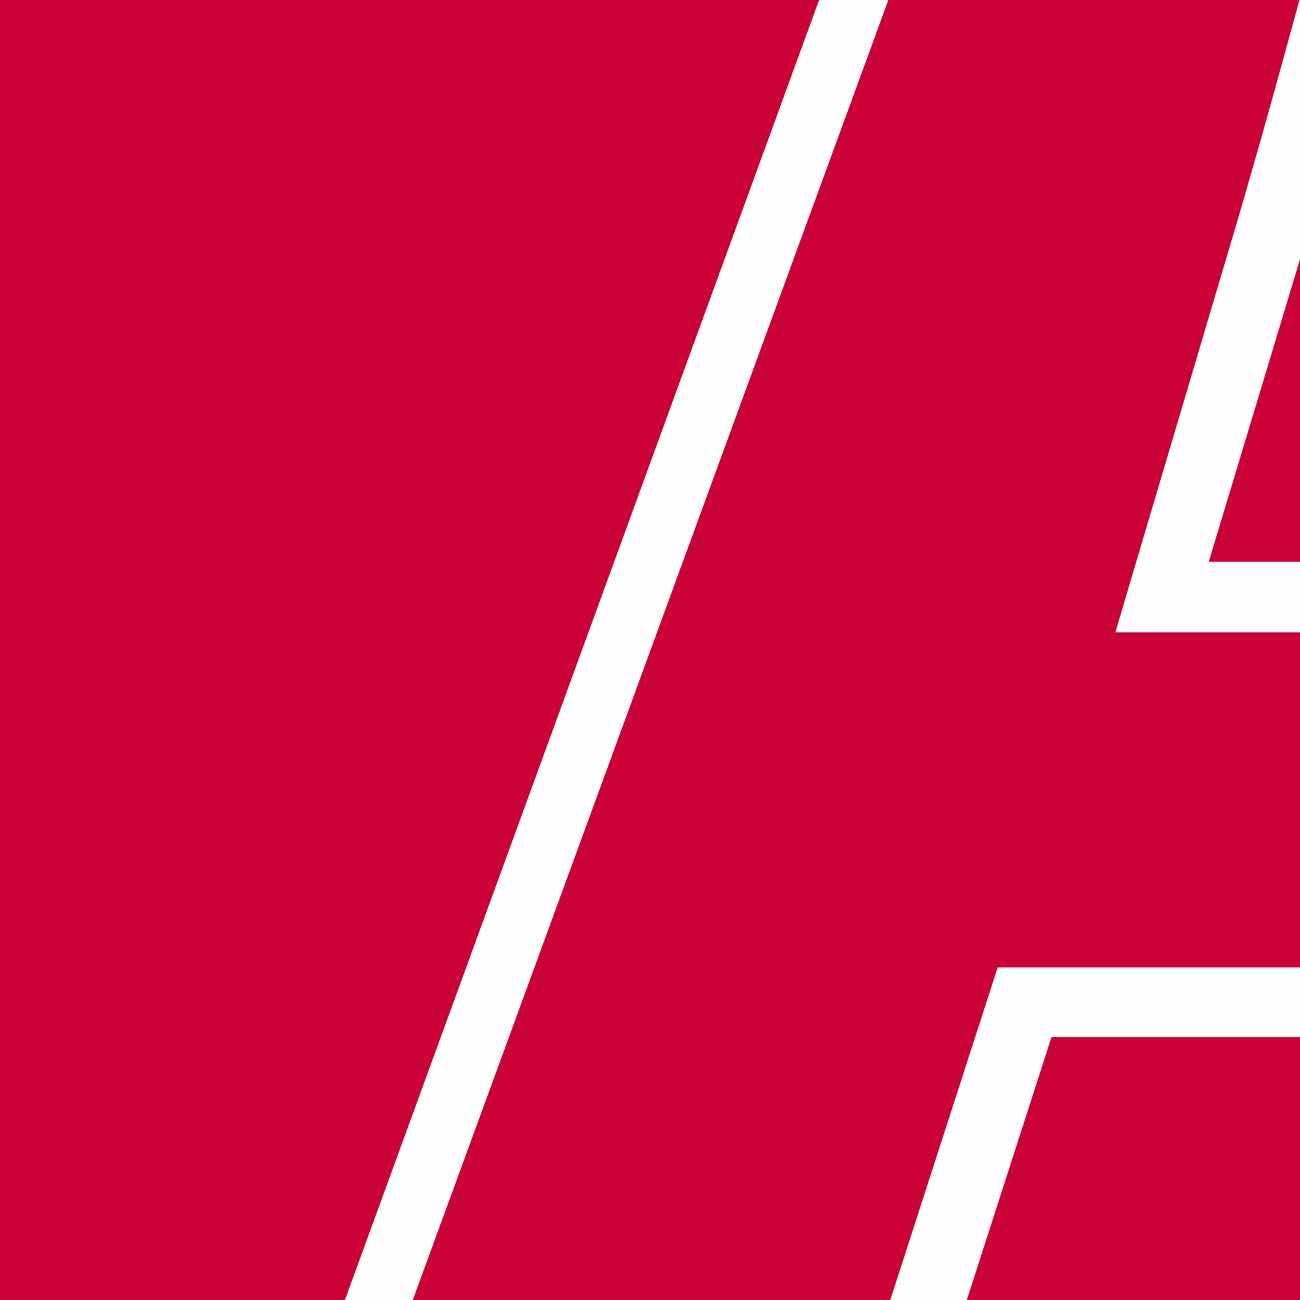 Angeschnittenes Adimmo A auf rotem Hintergrund